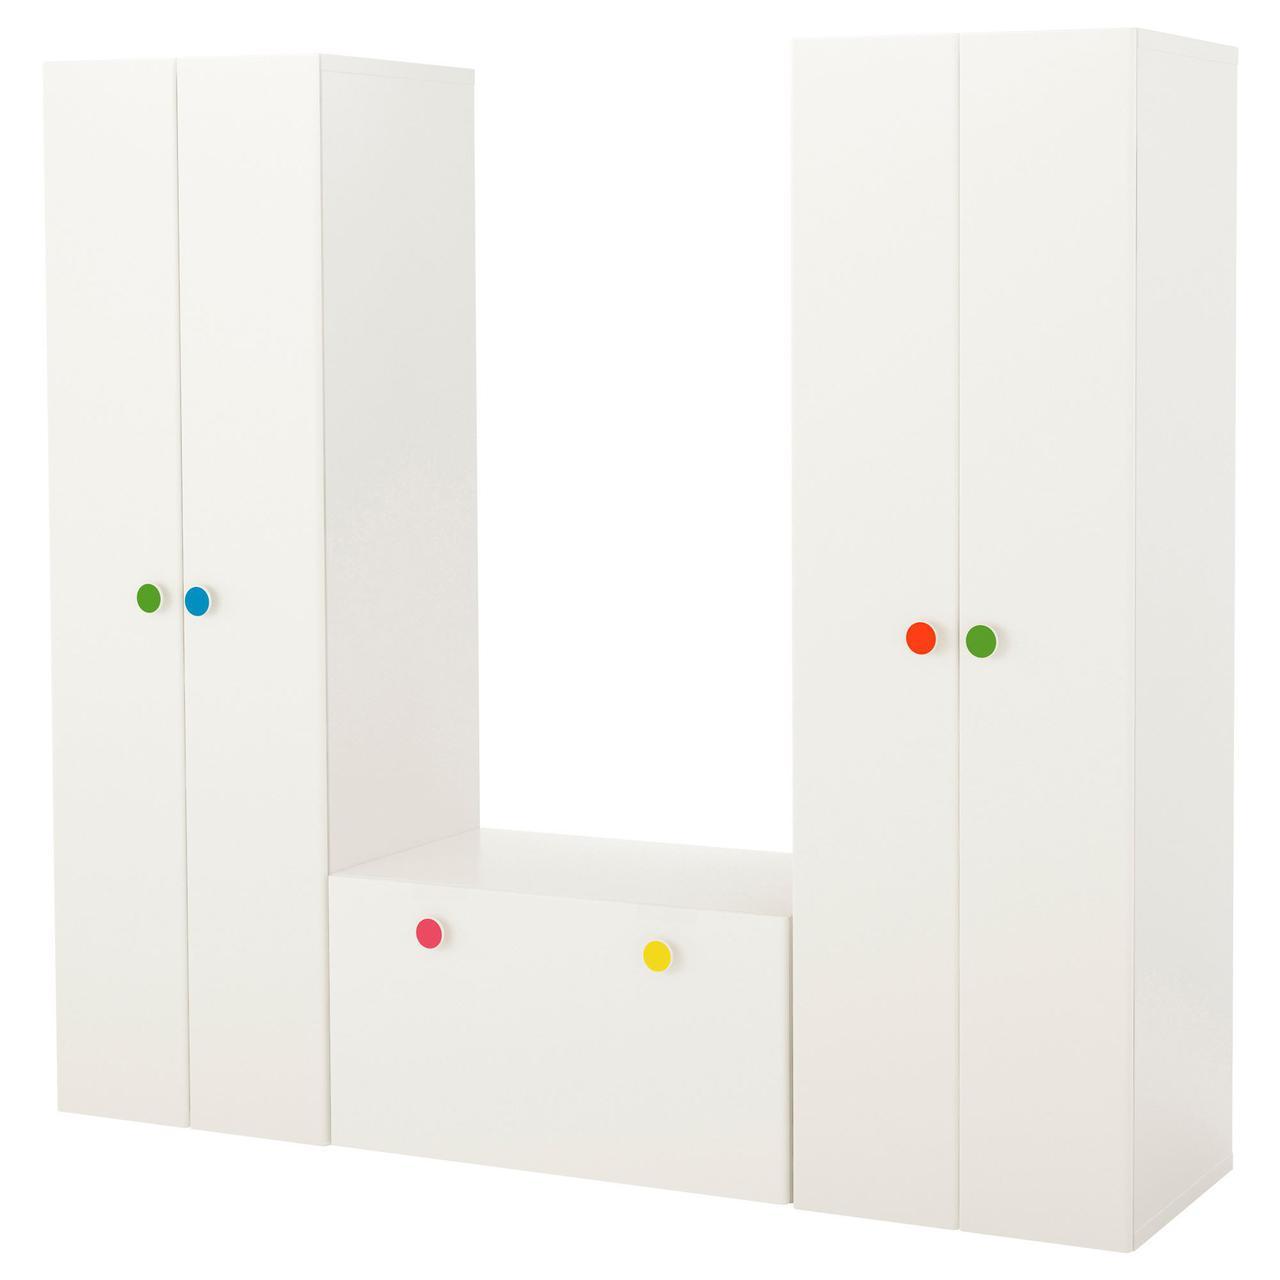 комбинация мебели со скамьей для хранения Ikea Stuva Följa икеа